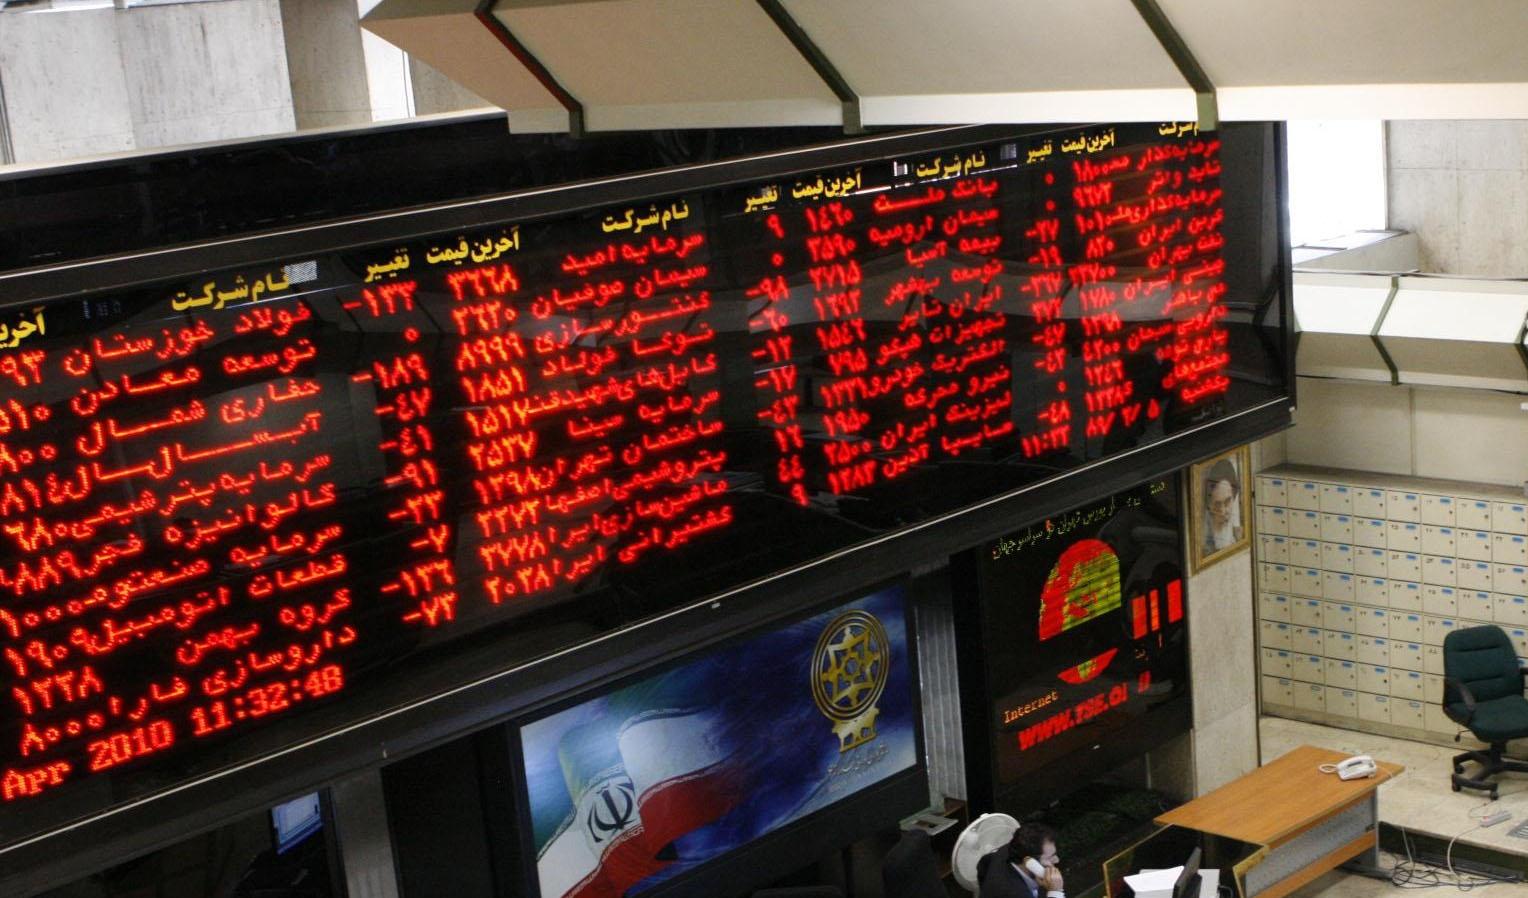 عضویت نهادهای مالی در کانون نهادهای سرمایهگذاری الزامی شد